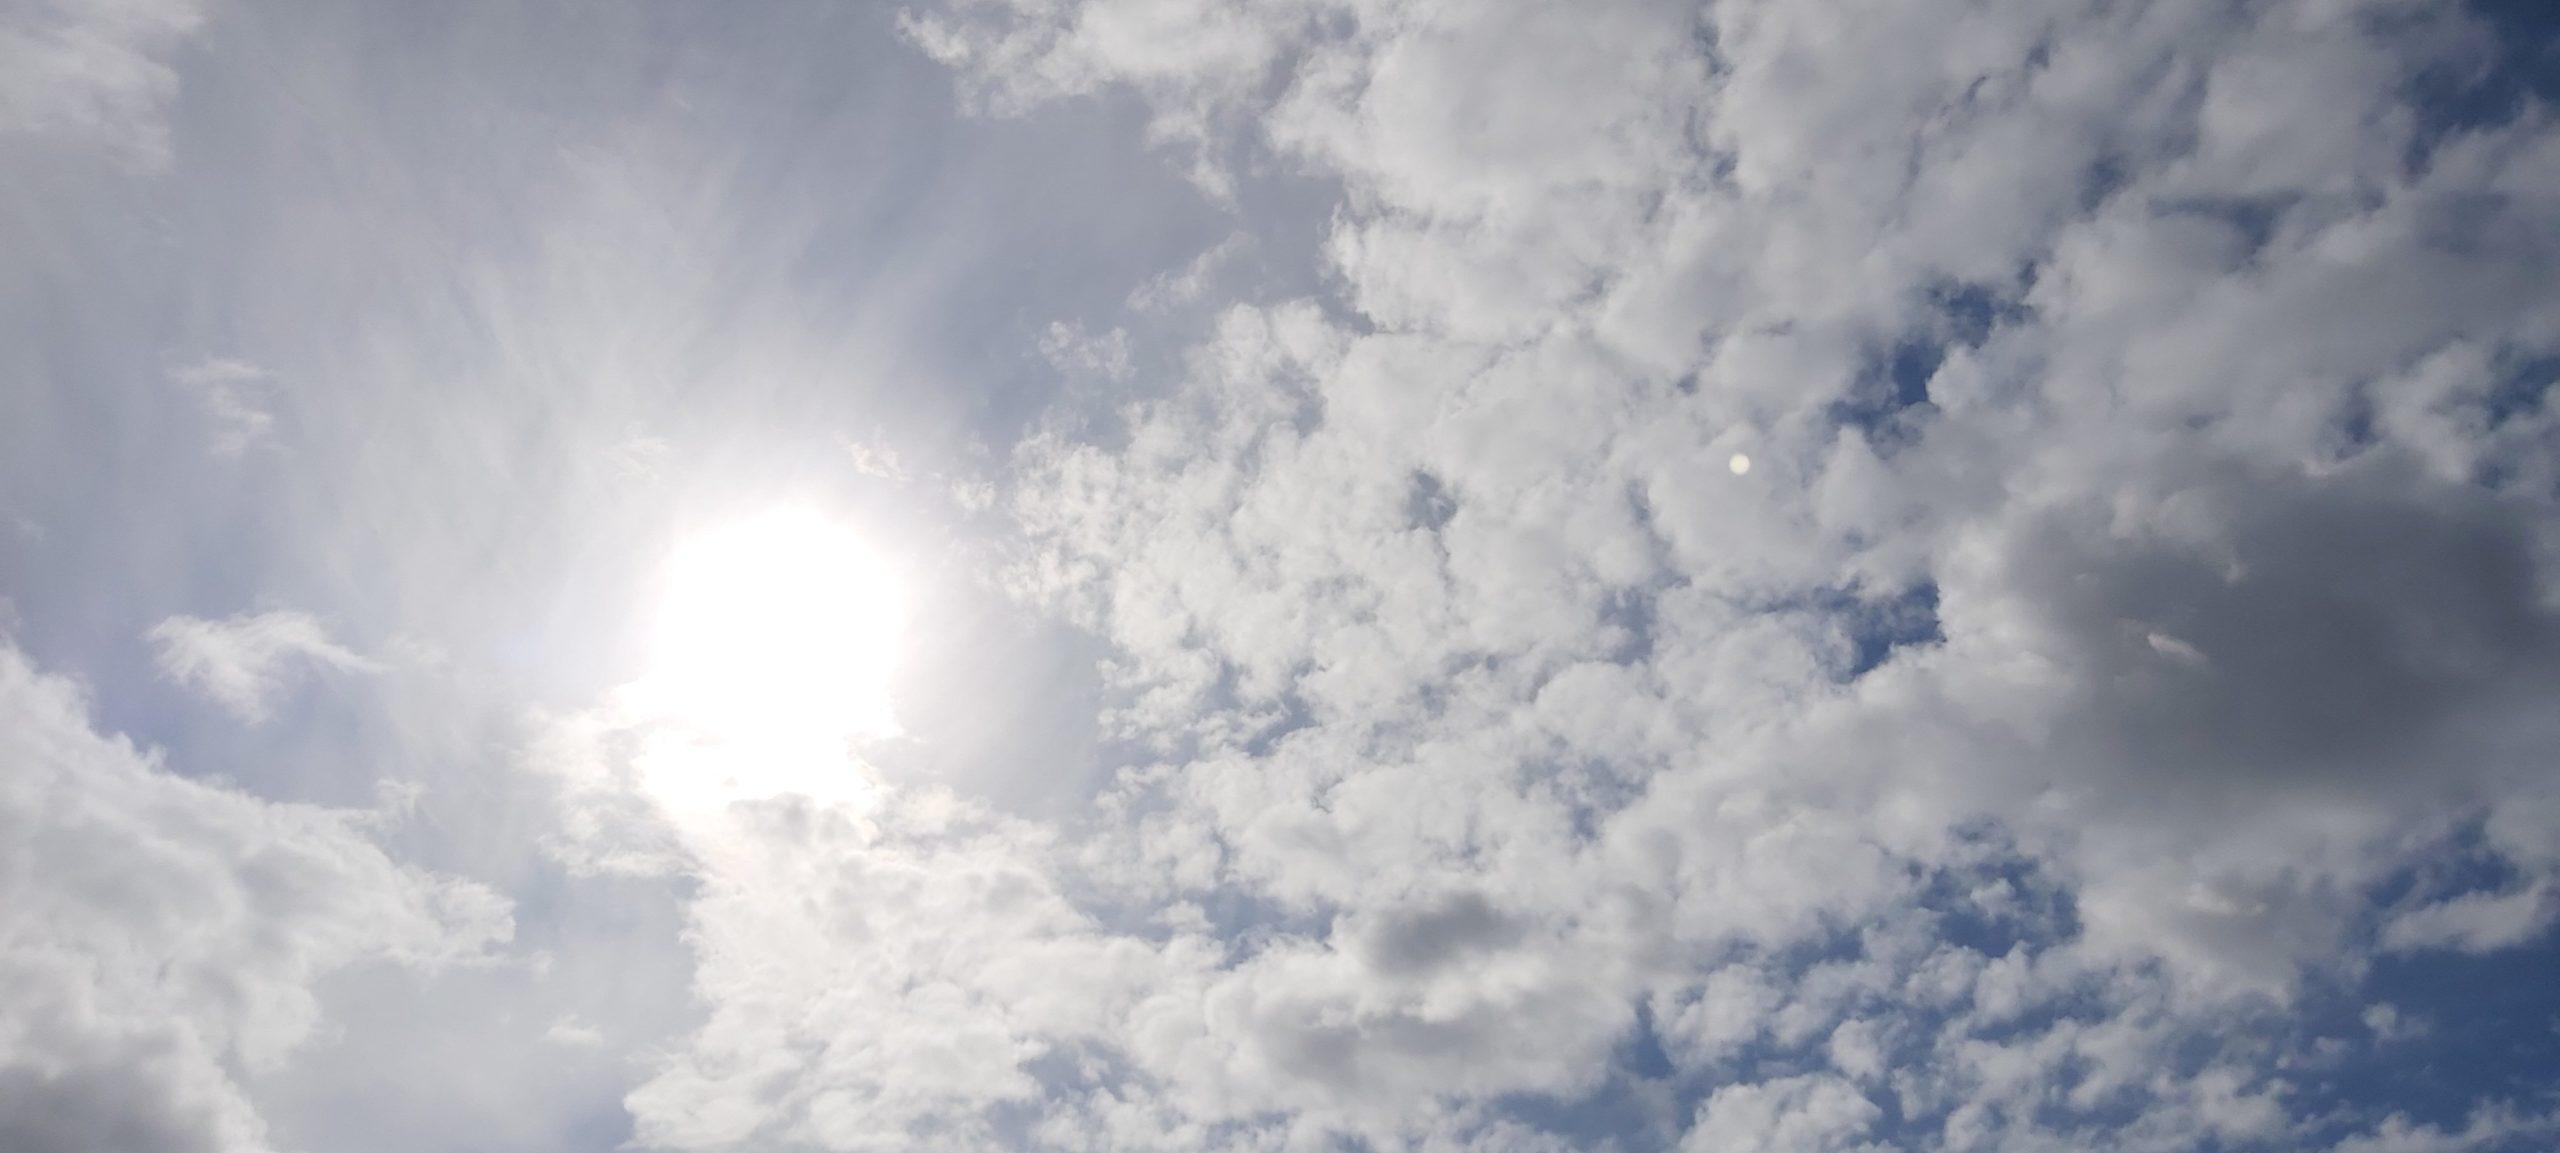 Aurinko ja vaaleita pilviä sinisellä taivaalla.